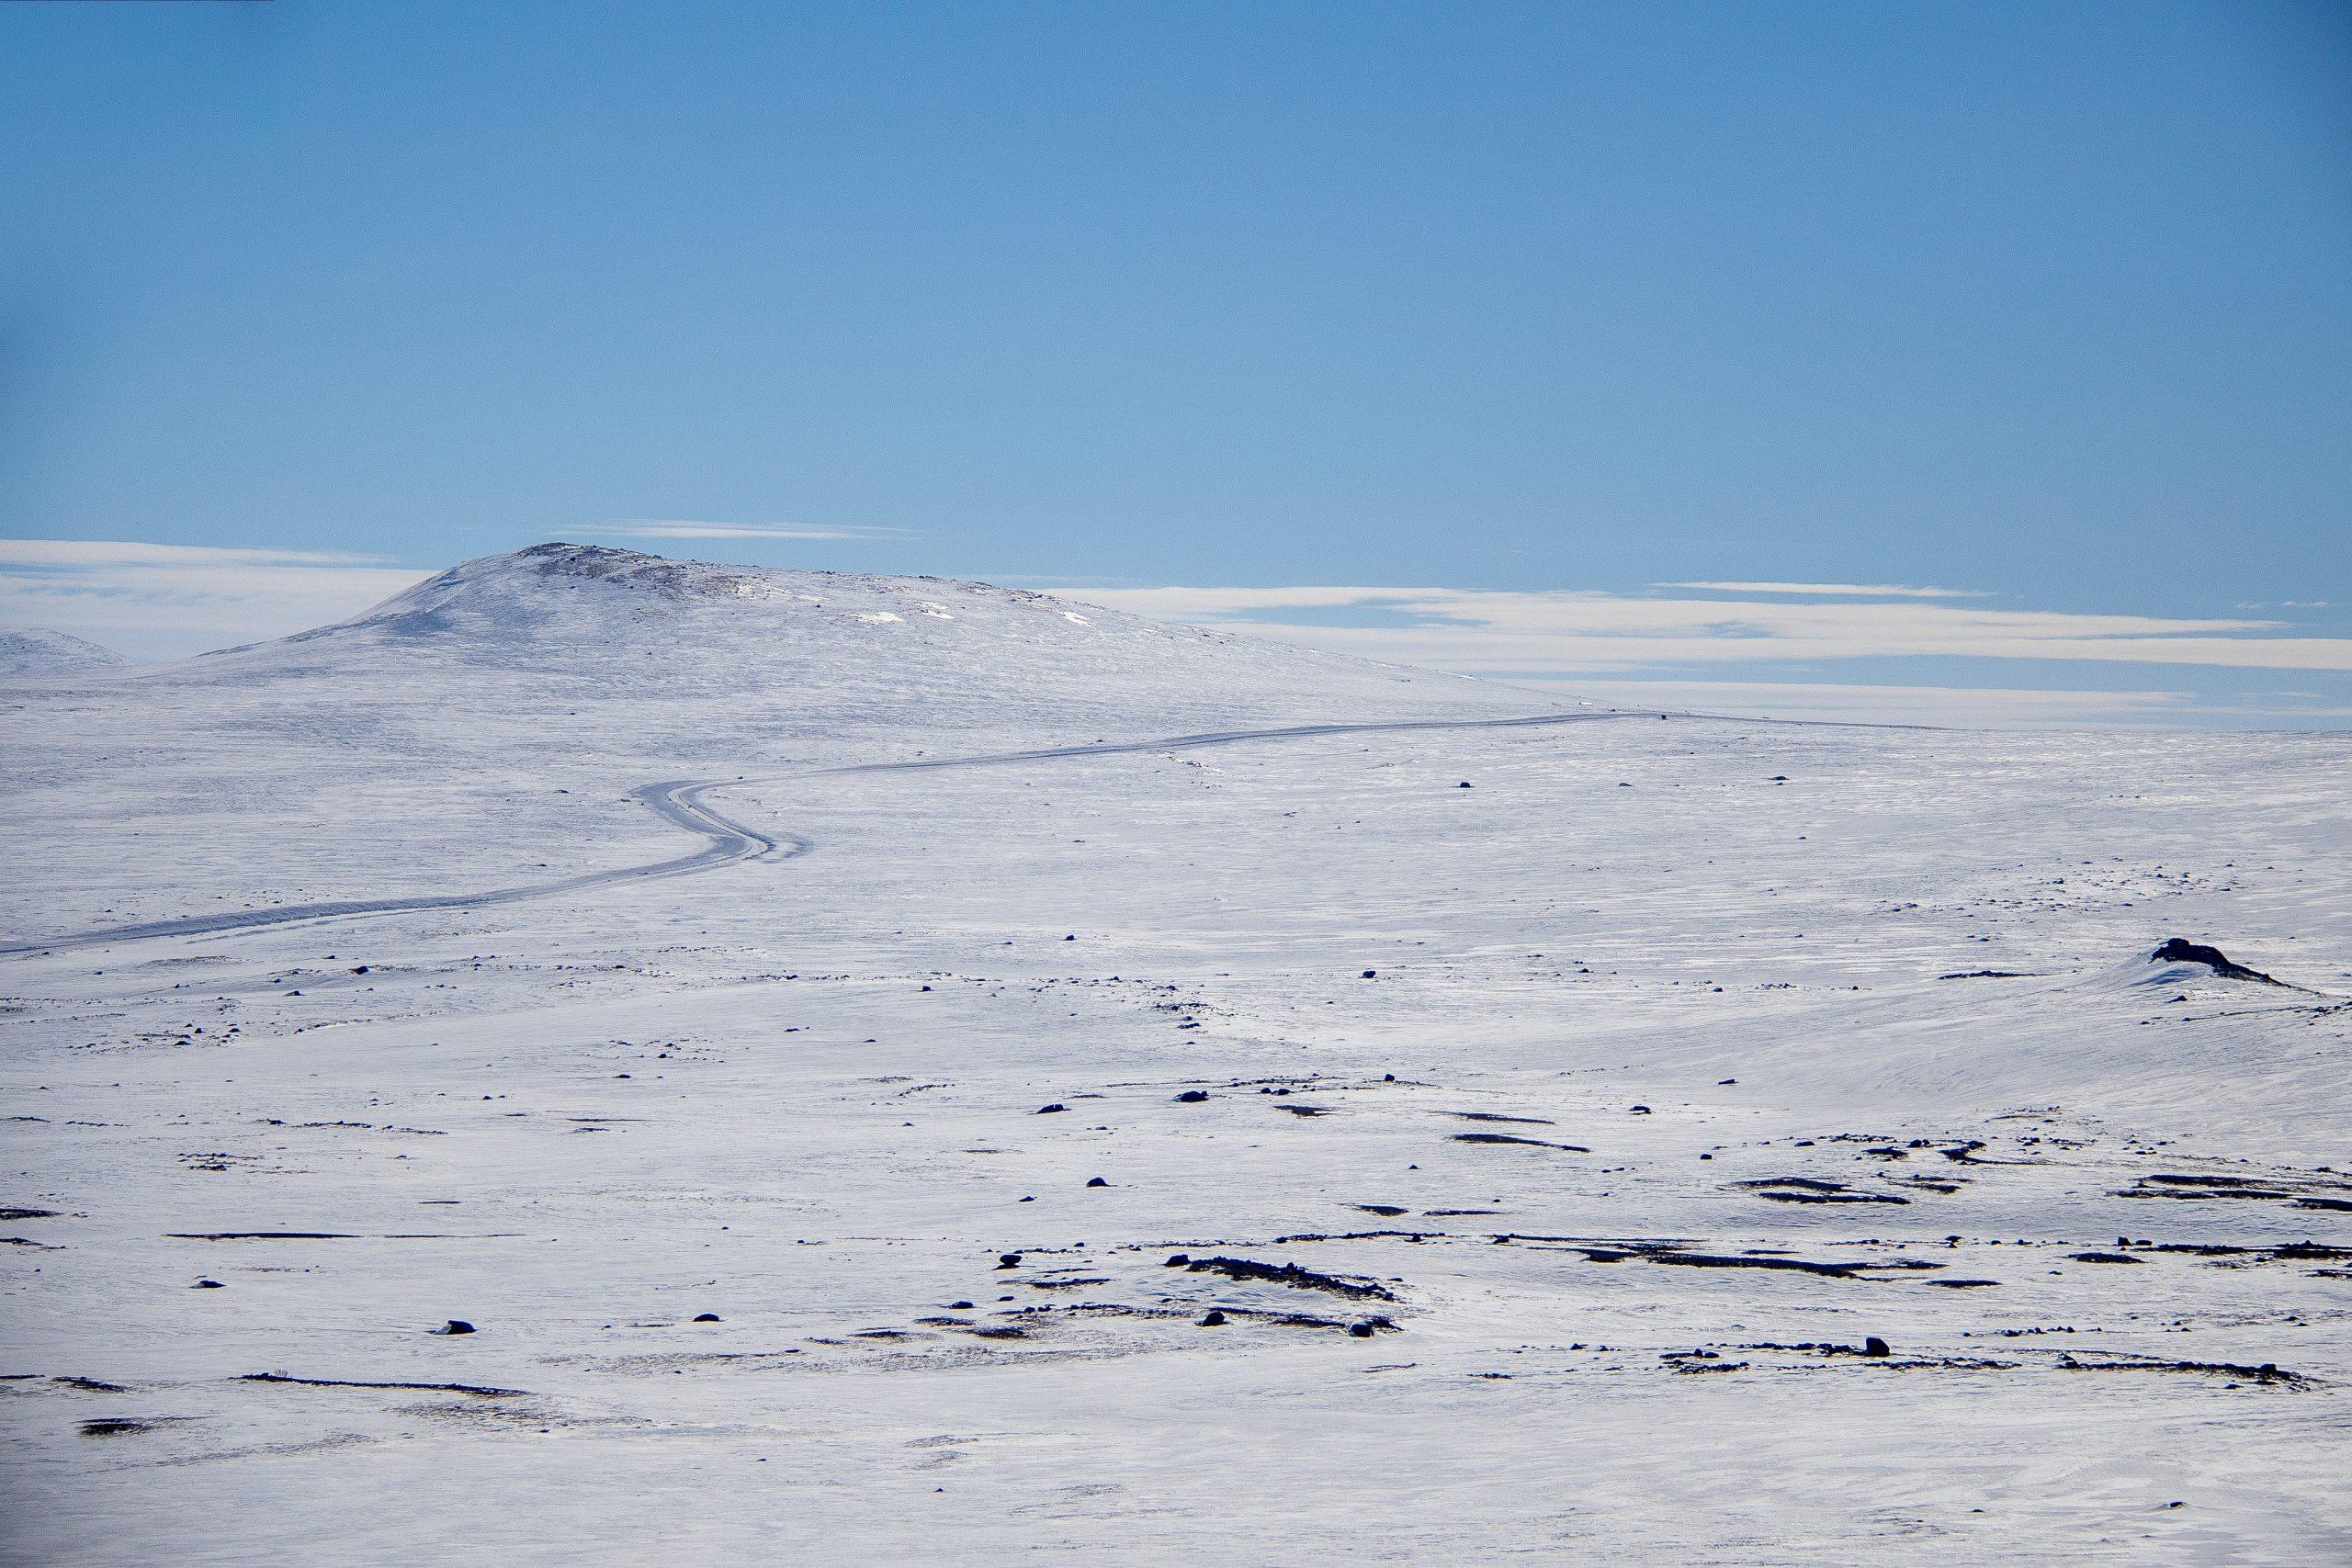 Fjellovergangen Valdresflye er et populært og snøsikkert utgangspunkt for toppturer på ski i den øslige delen av Gjendealpene.